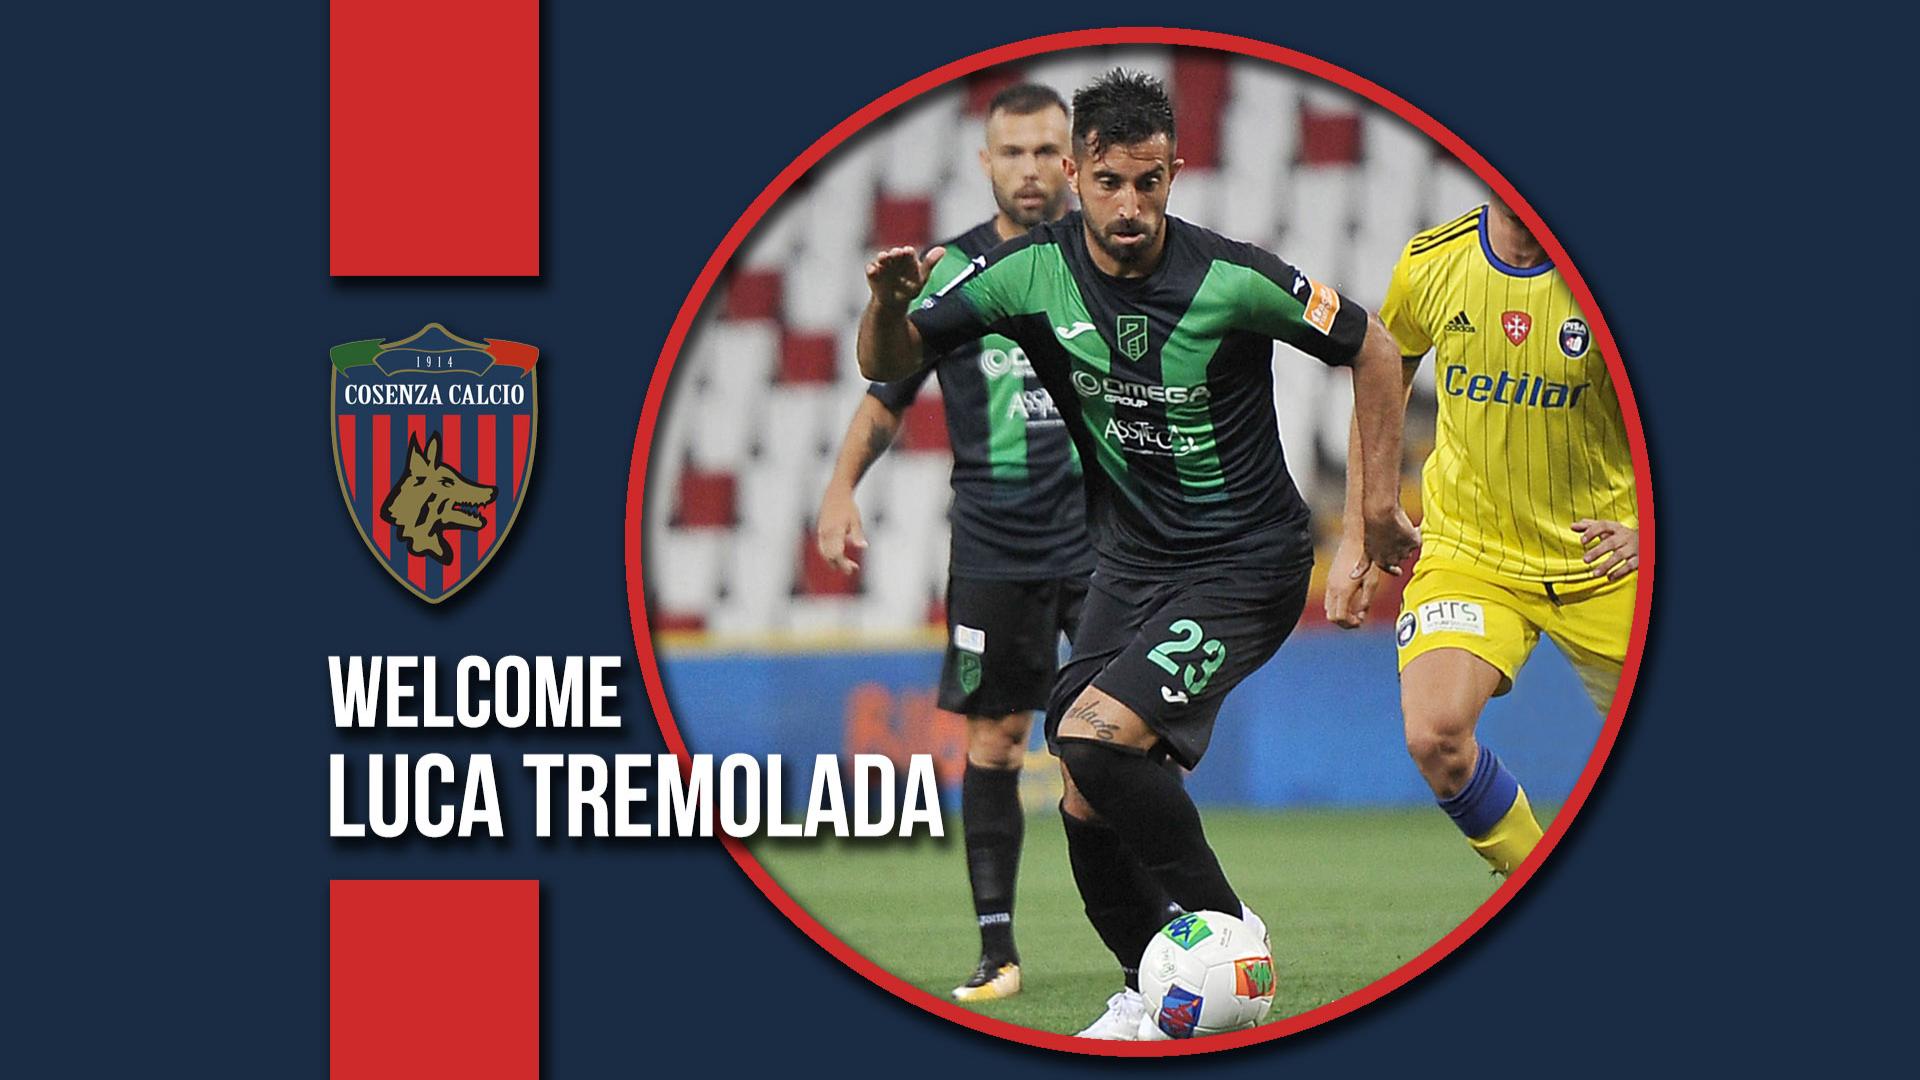 Notizie dal Cosenza Calcio: Luca Tremolada è un nuovo giocatore rossoblù.